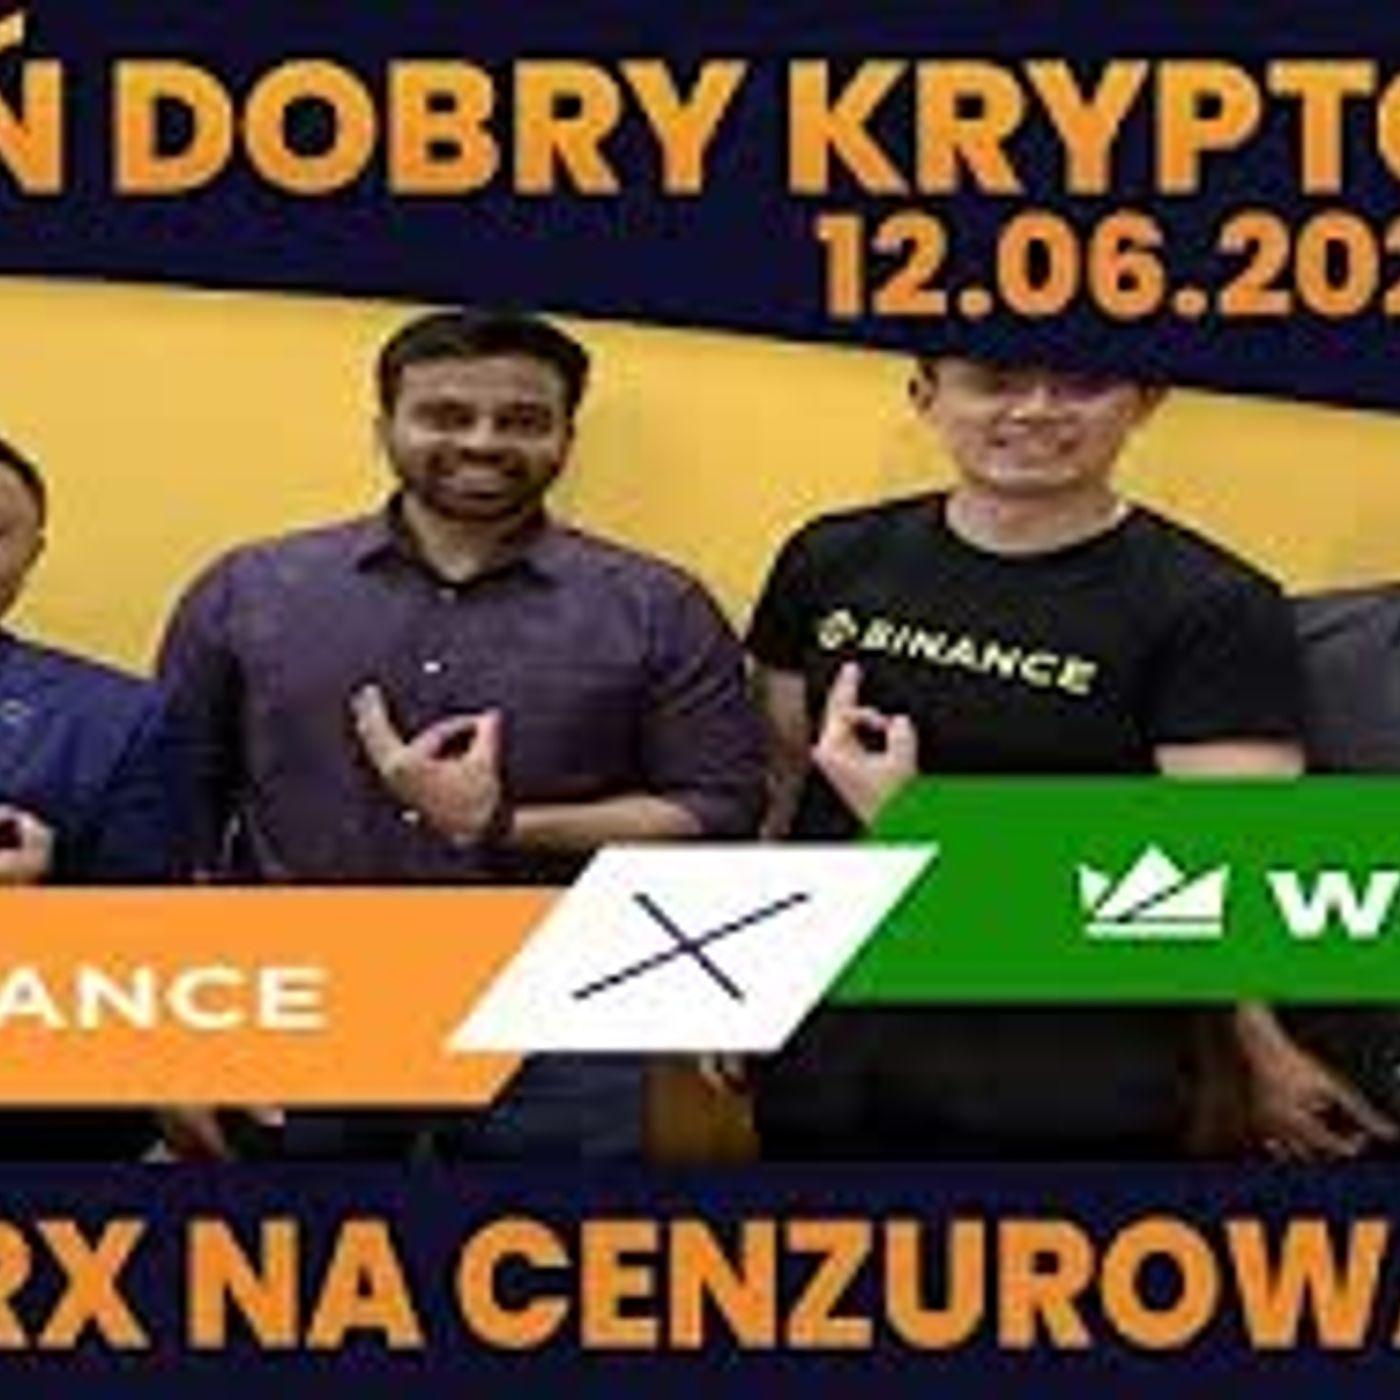 #DDK   12.06.2021   WAZIRX OD BINANCE MA PROBLEMY? BAŃKA NFT SIĘ JEDNAK KOŃCZY? HOLANDIA - BAN BITCOIN CZY FUD?